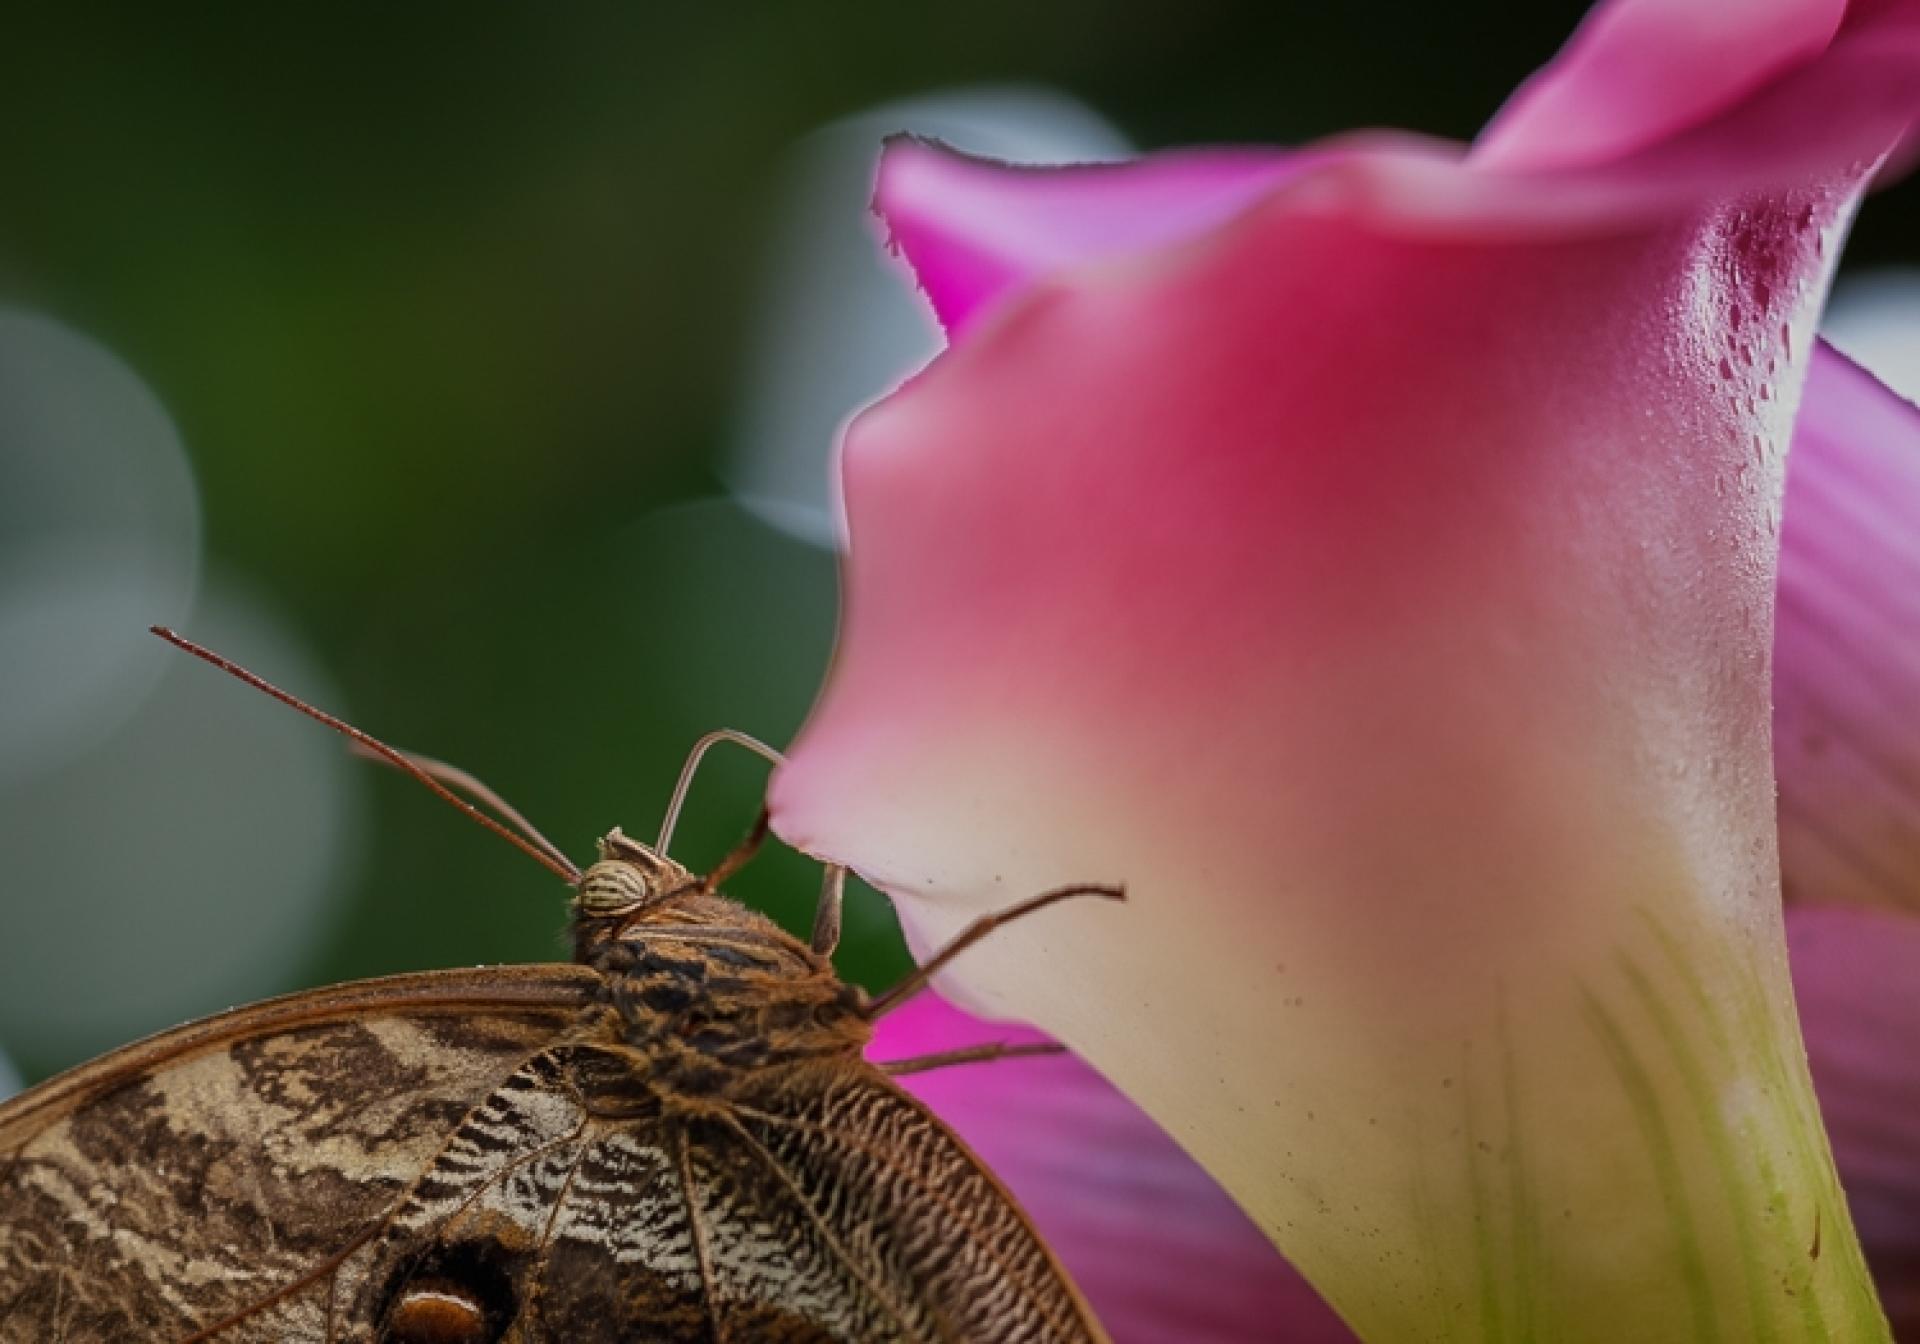 Makrofotografie im Palmenhaus/Schmetterlingshaus - Canon Academy Natur-, Tier- und Makro